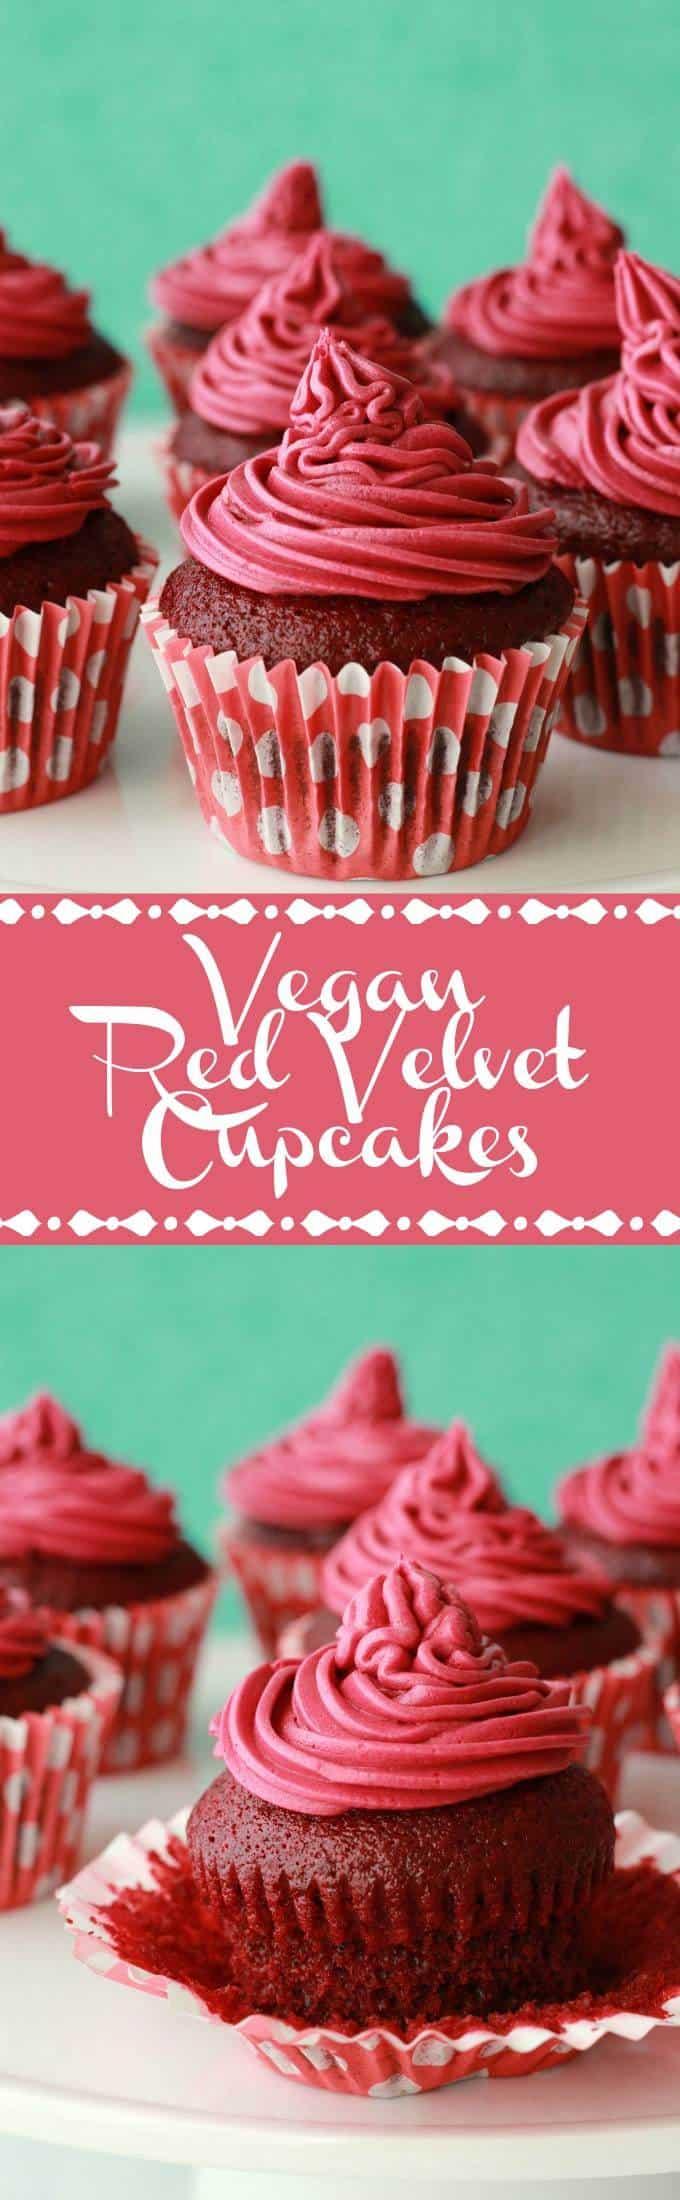 Vegan Red Velvet Cupcakes with Red Velvet Frosting #vegan #lovingitvegan #redvelvet #cupcakes #dessert #dairyfree